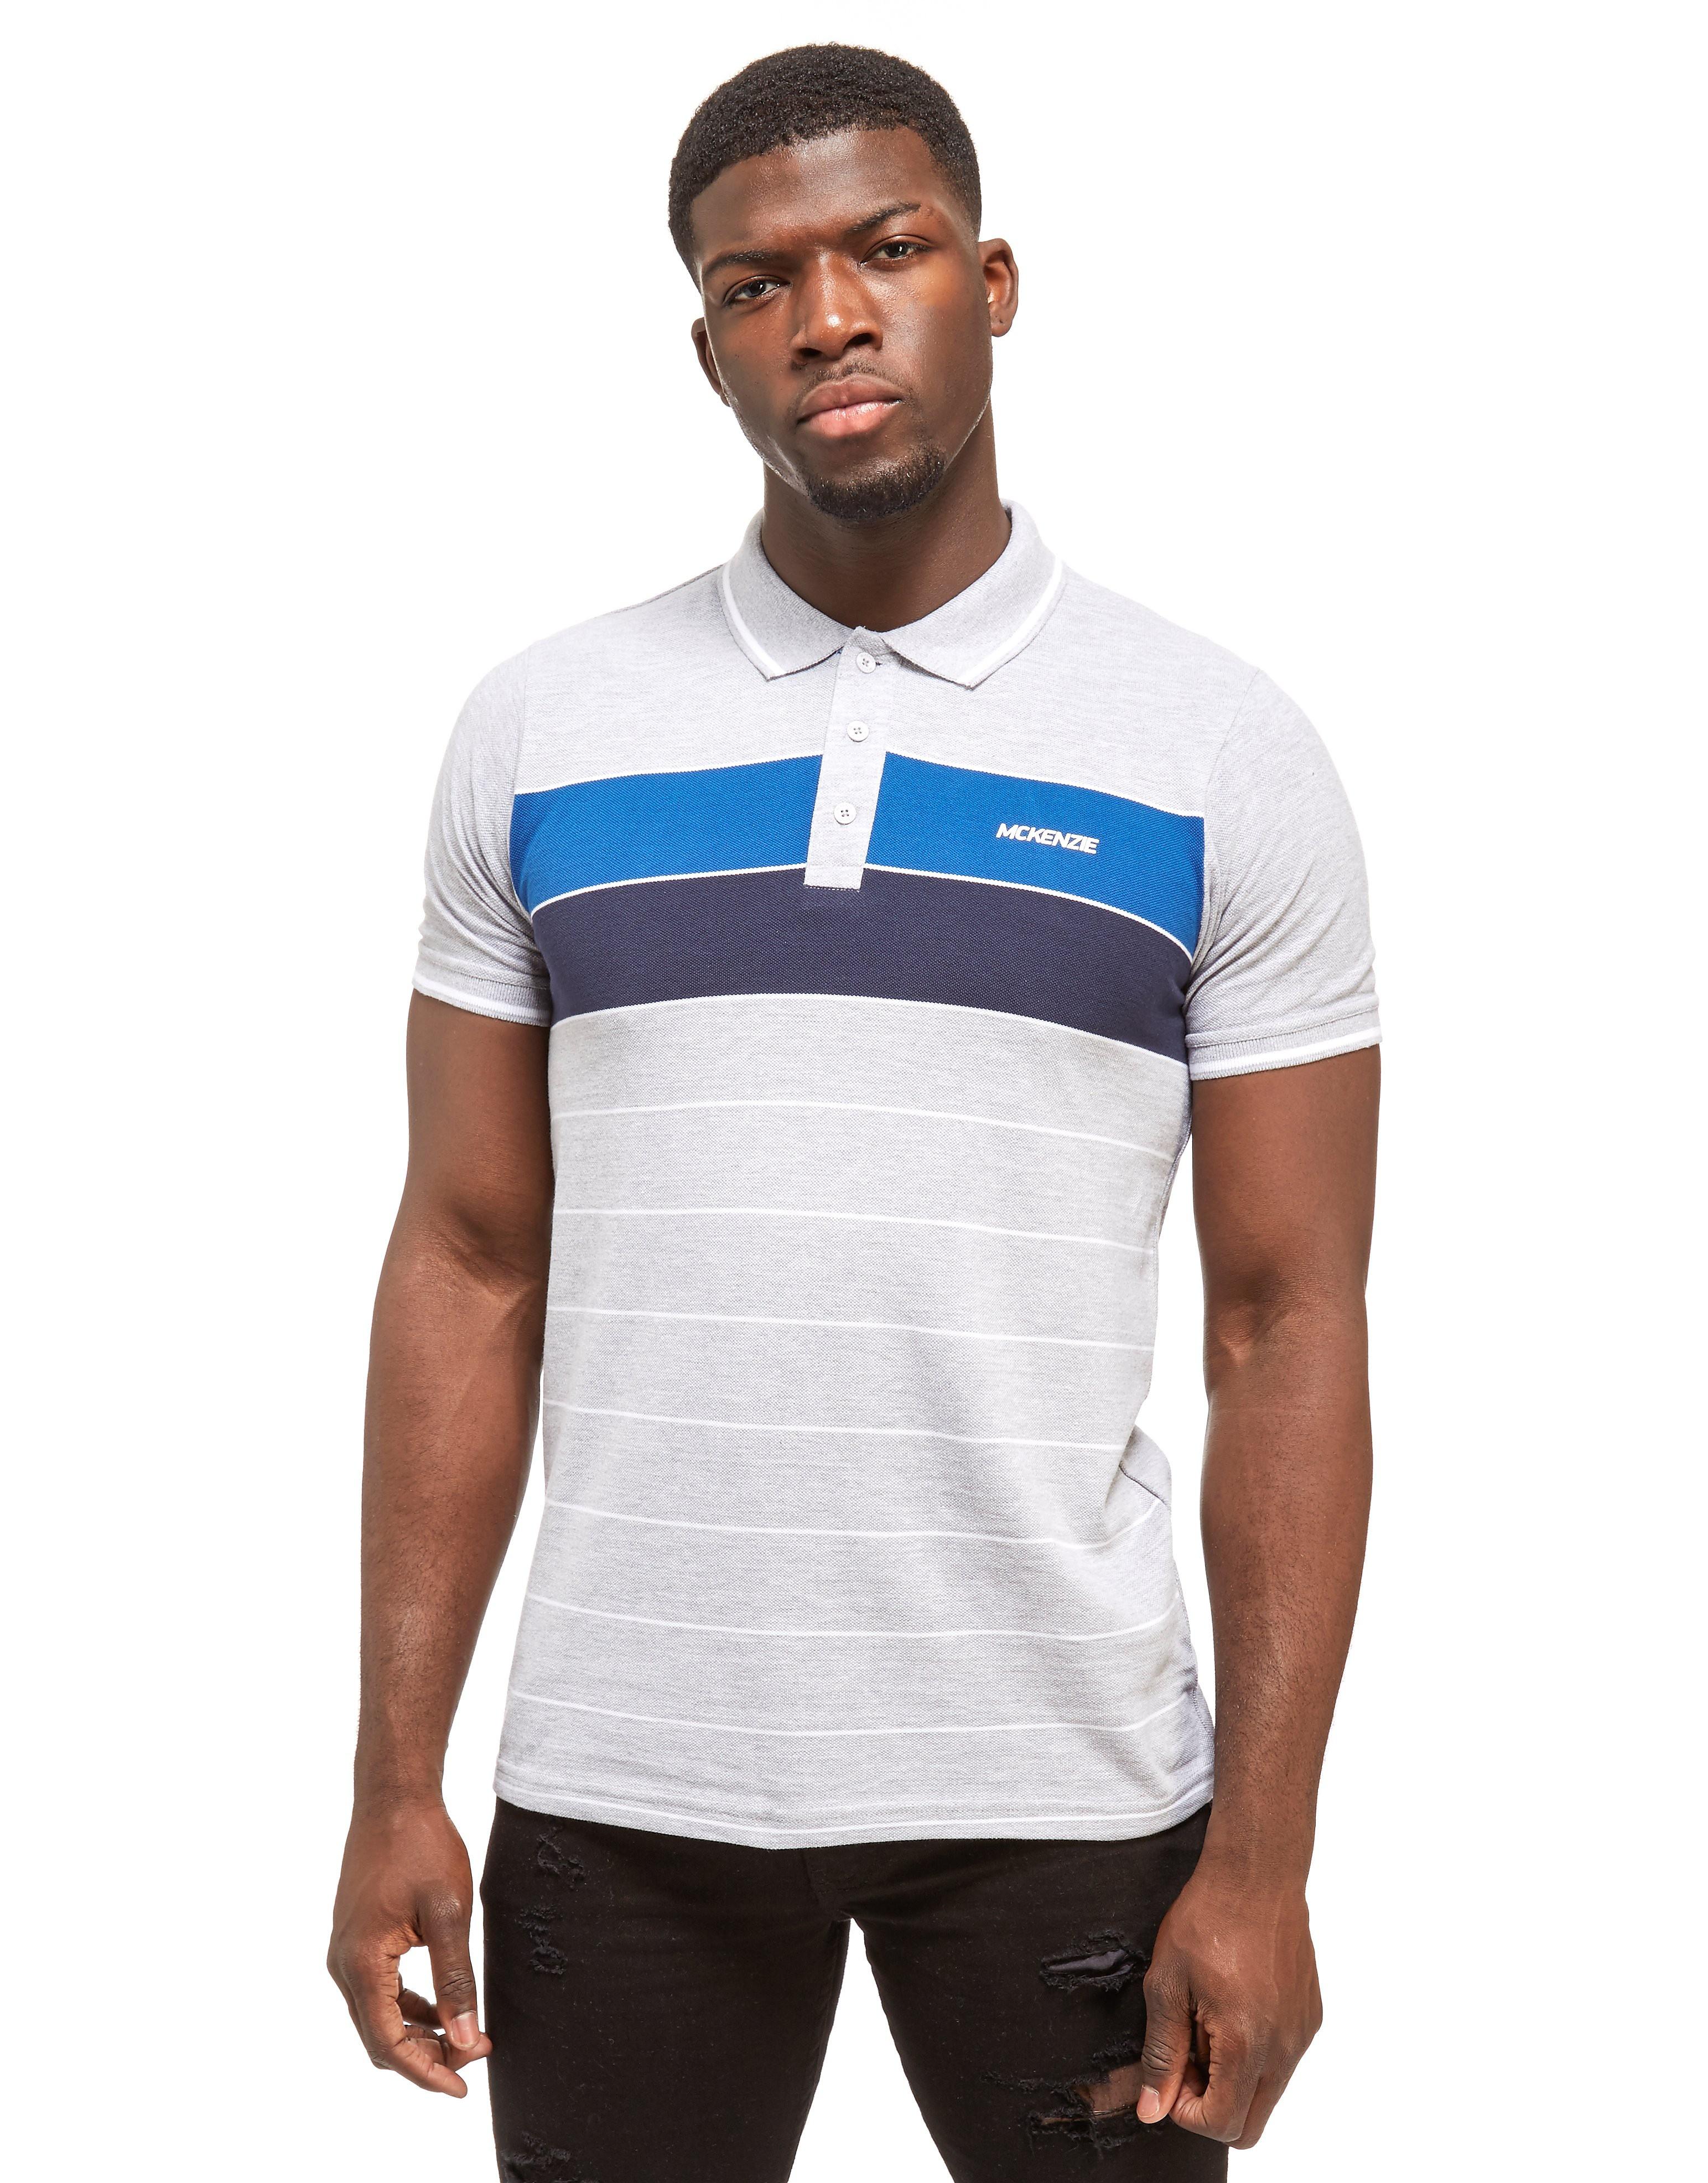 McKenzie Atlanta Polo Shirt